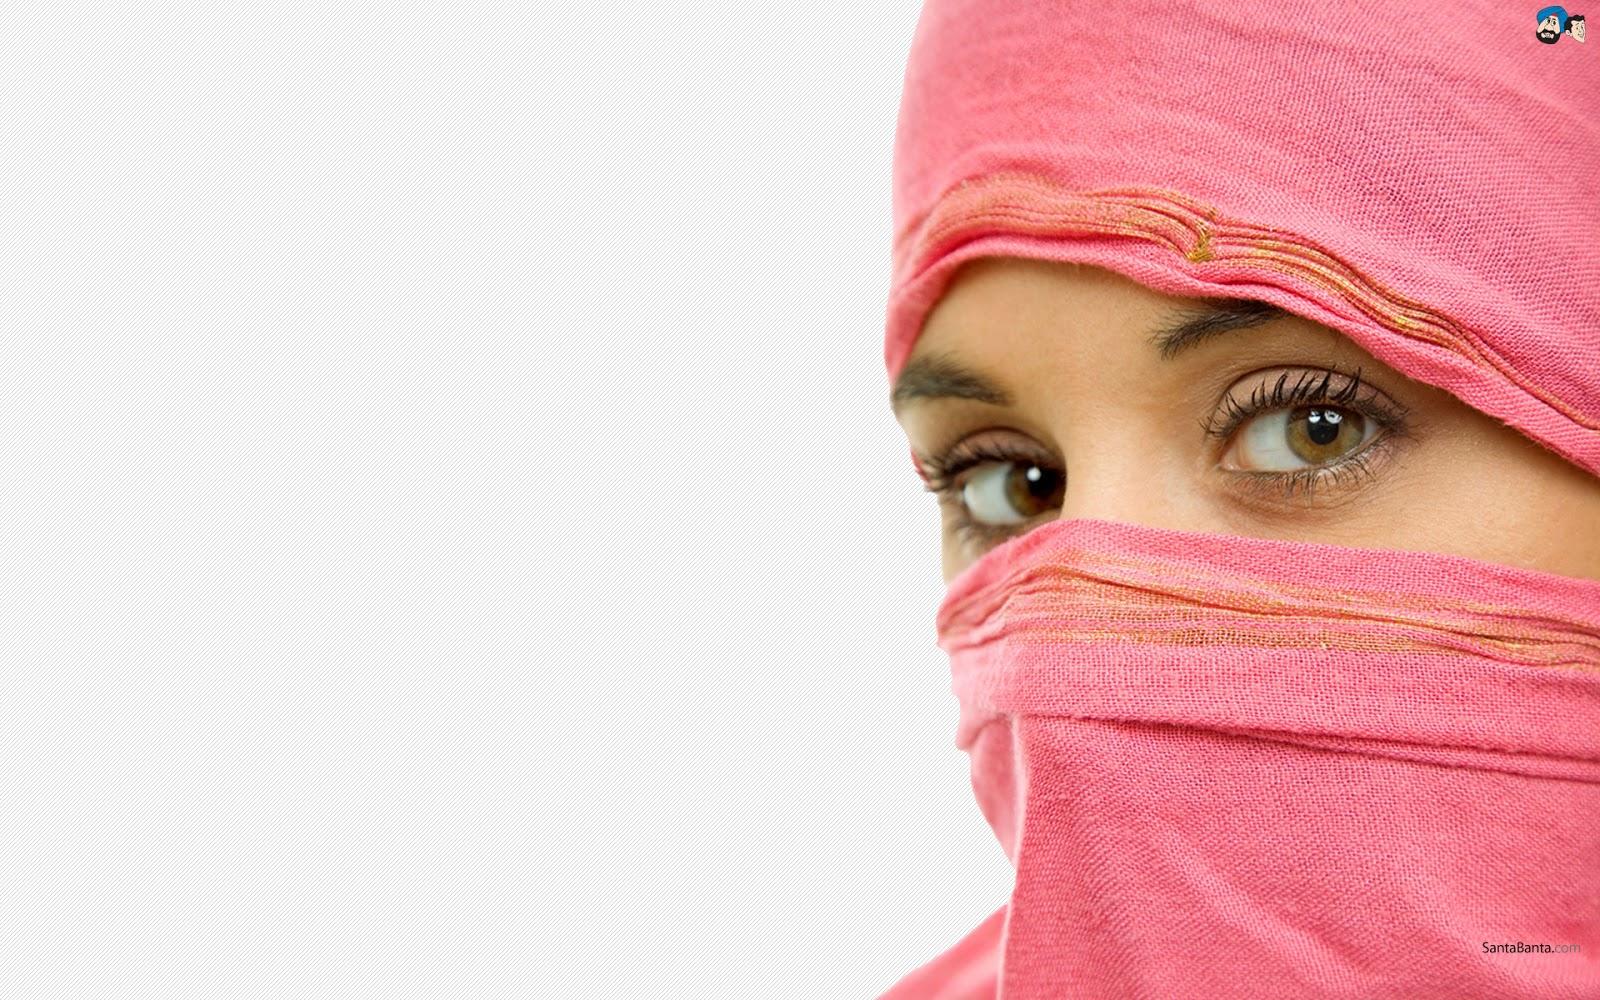 Koleksi Gambar Wallpaper Muslimah Cantik Wallpaper